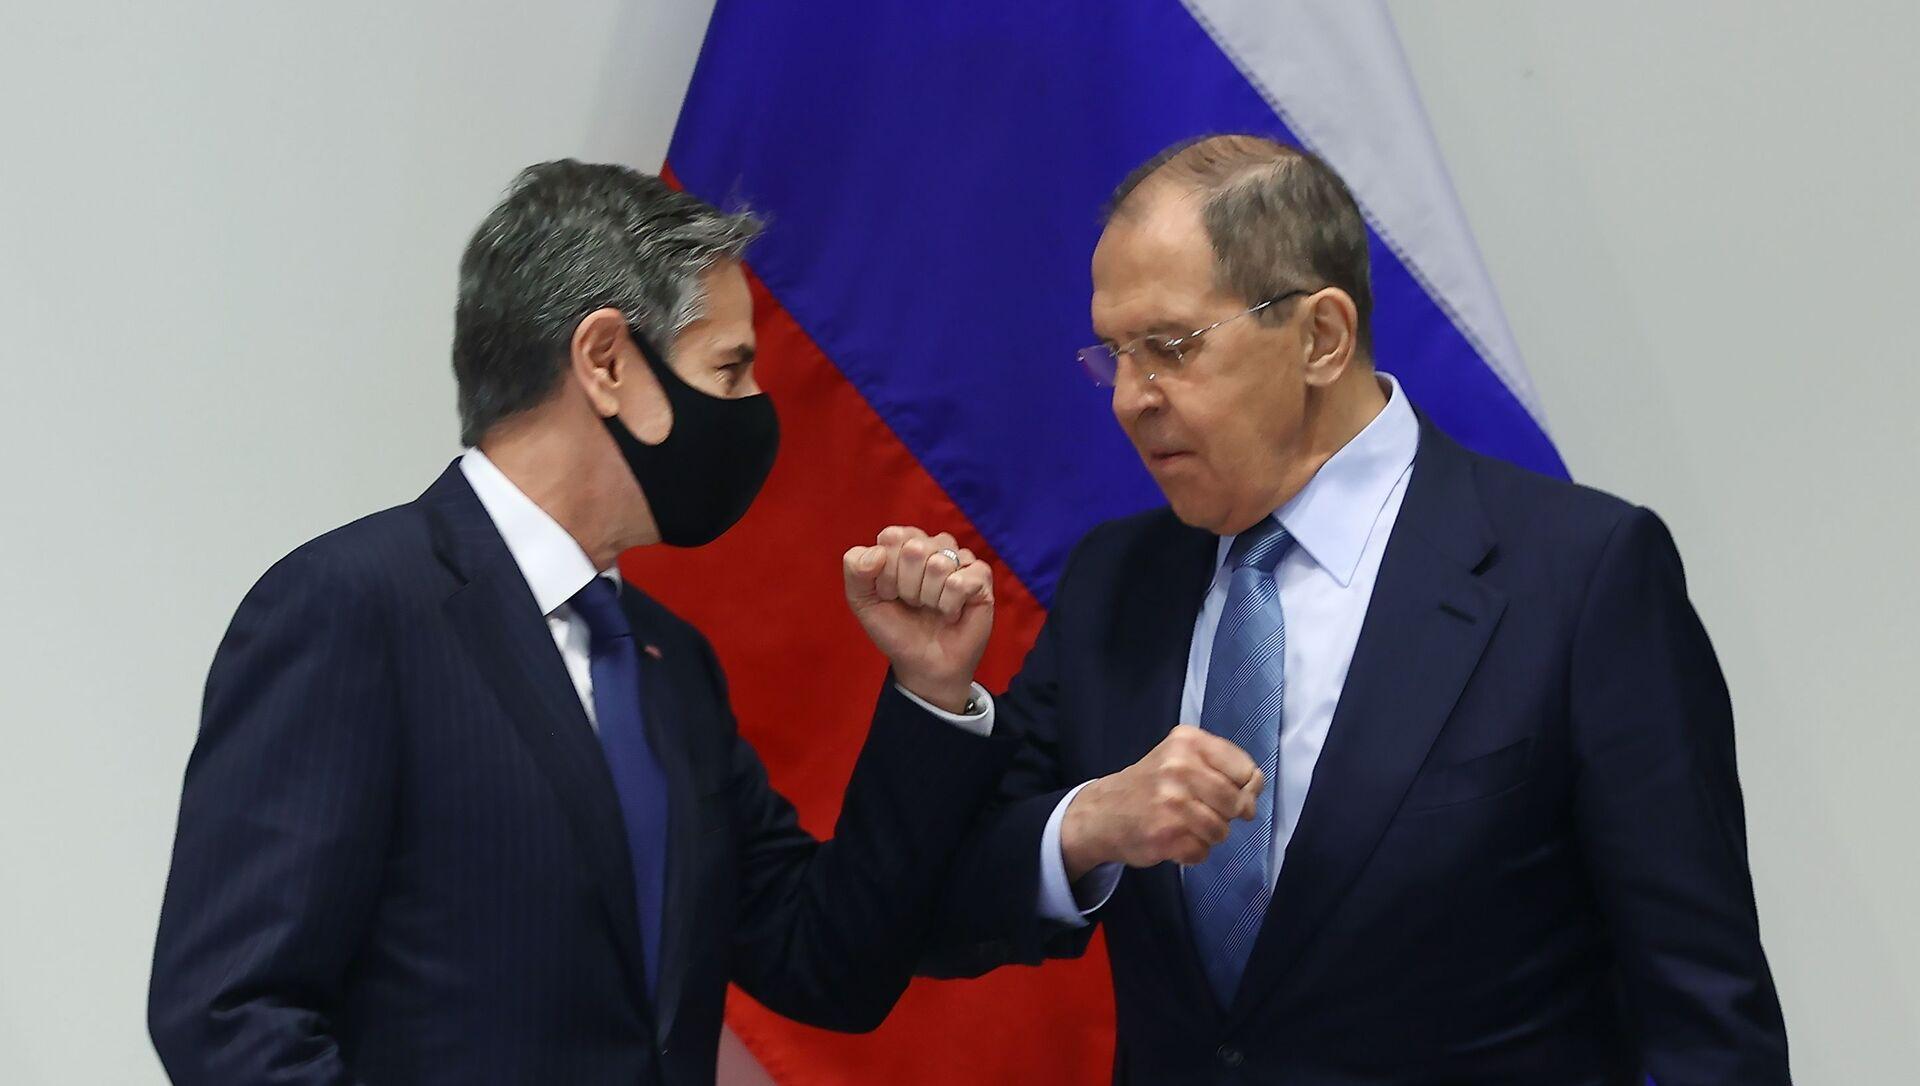 Chuyến thăm của Bộ trưởng Ngoại giao Nga S. Lavrov tới Iceland - Sputnik Việt Nam, 1920, 20.05.2021